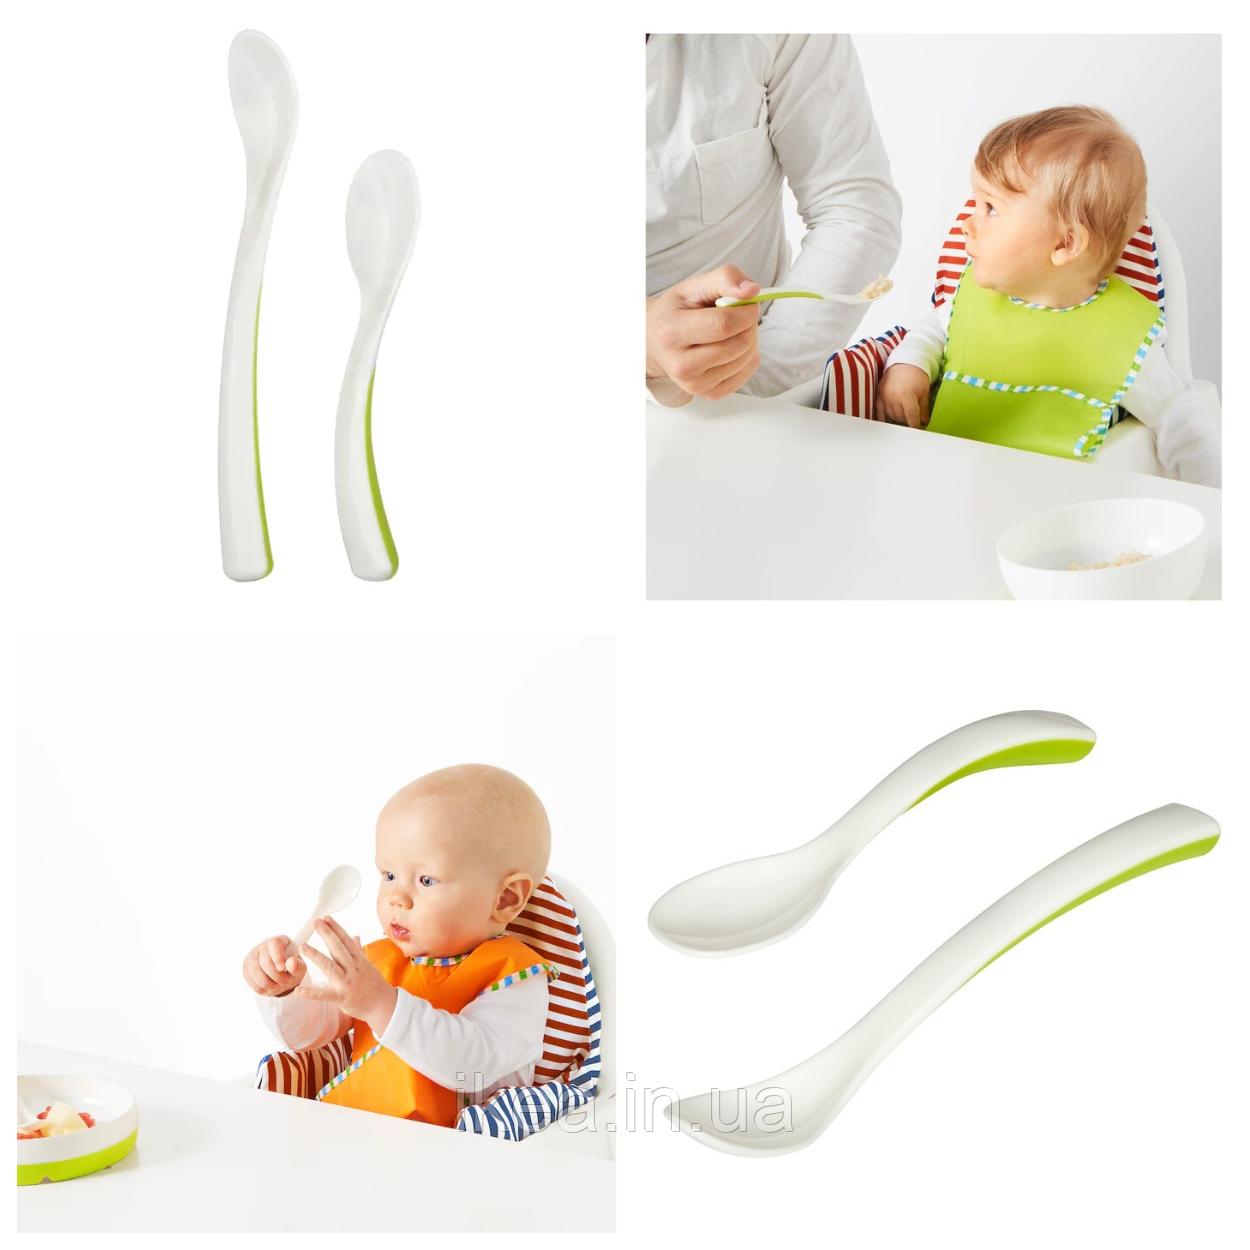 Набор детских пластиковых ложек для кормления малыша IKEA BÖRJA бело-зелёная ложка ИКЕА БОРЬЯ